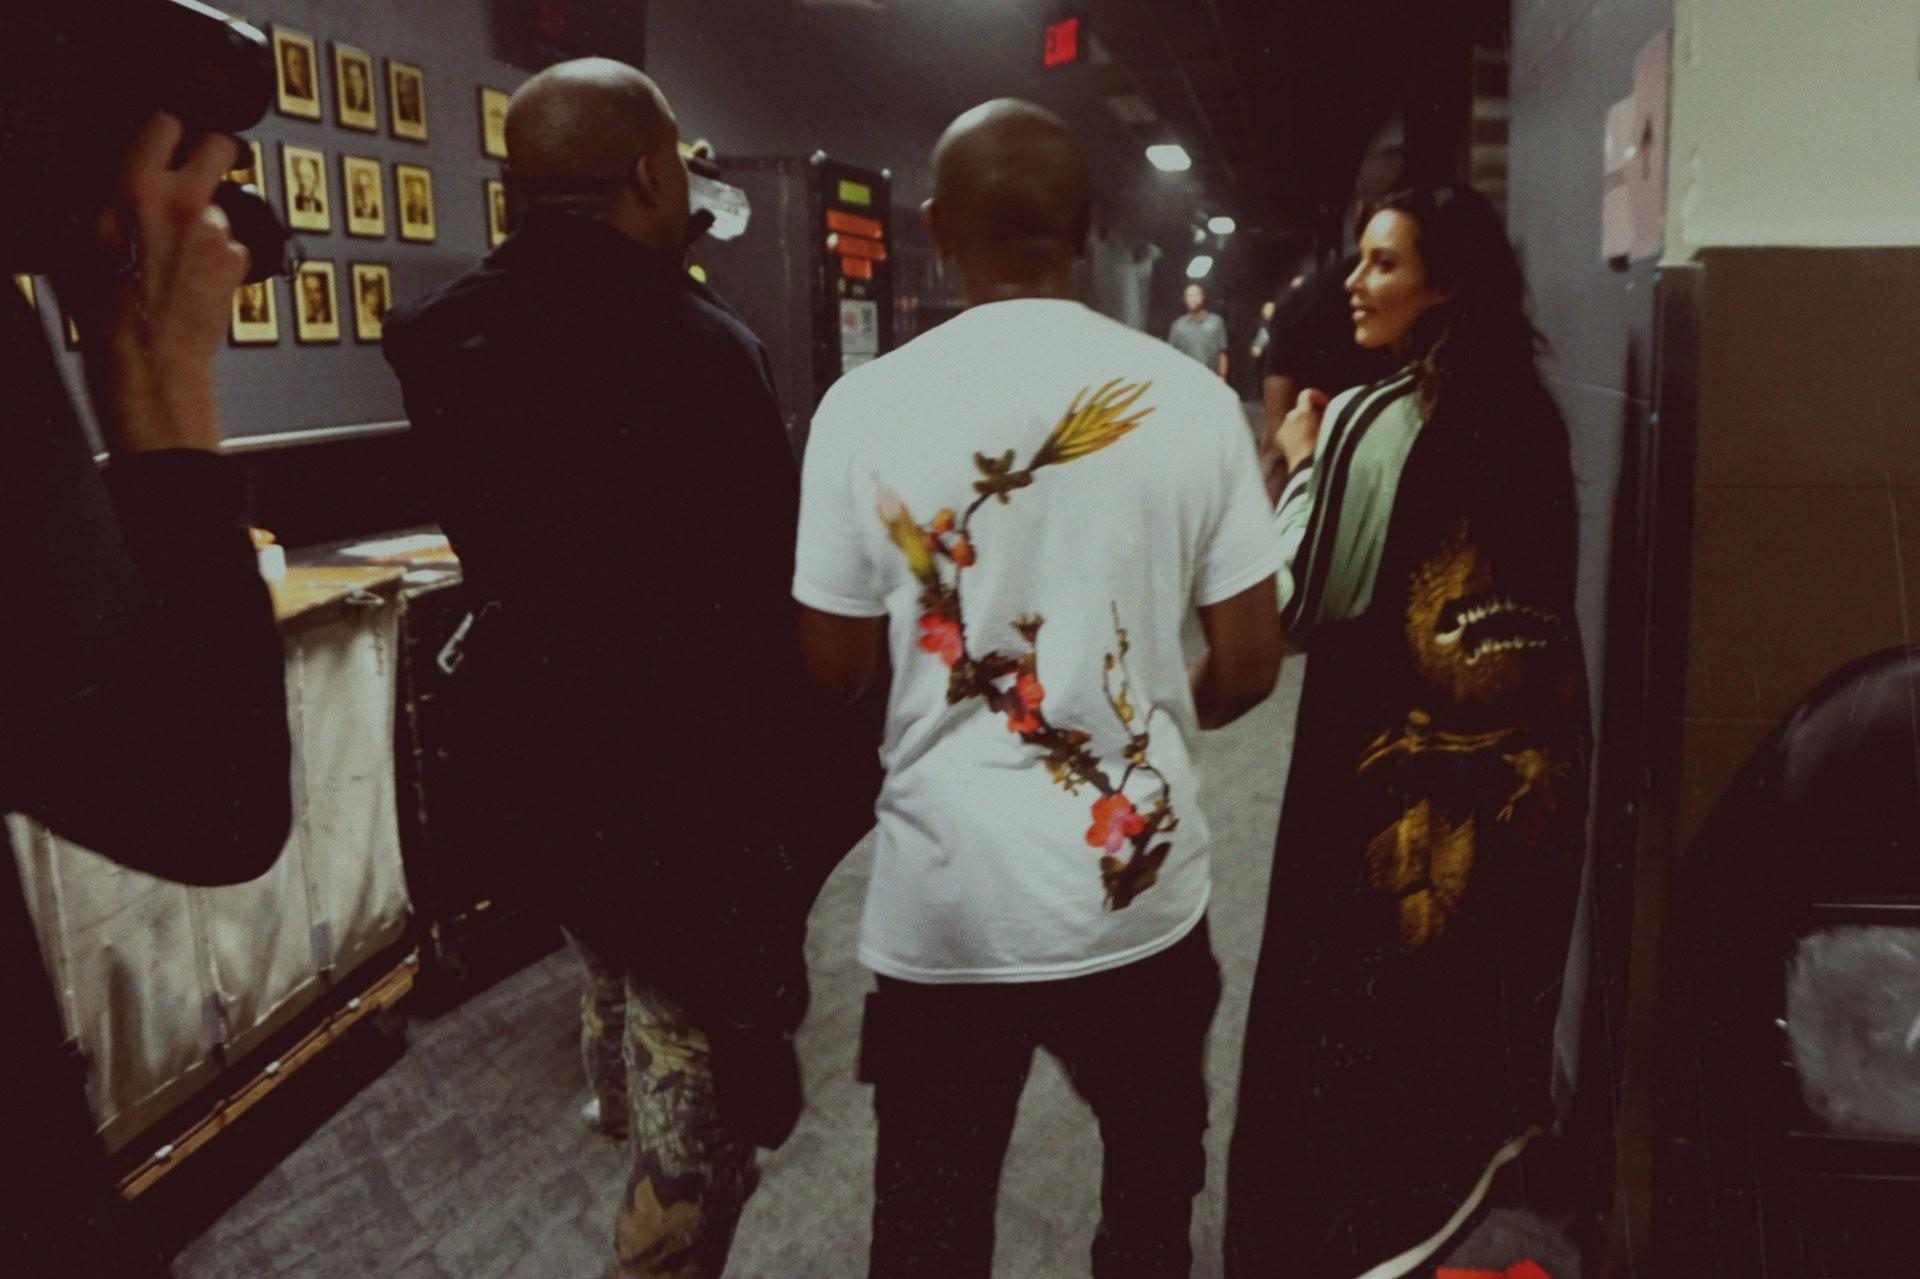 Kanye bebendo no copo após o show (Foto: Reprodução/KimKardashianWest.com)